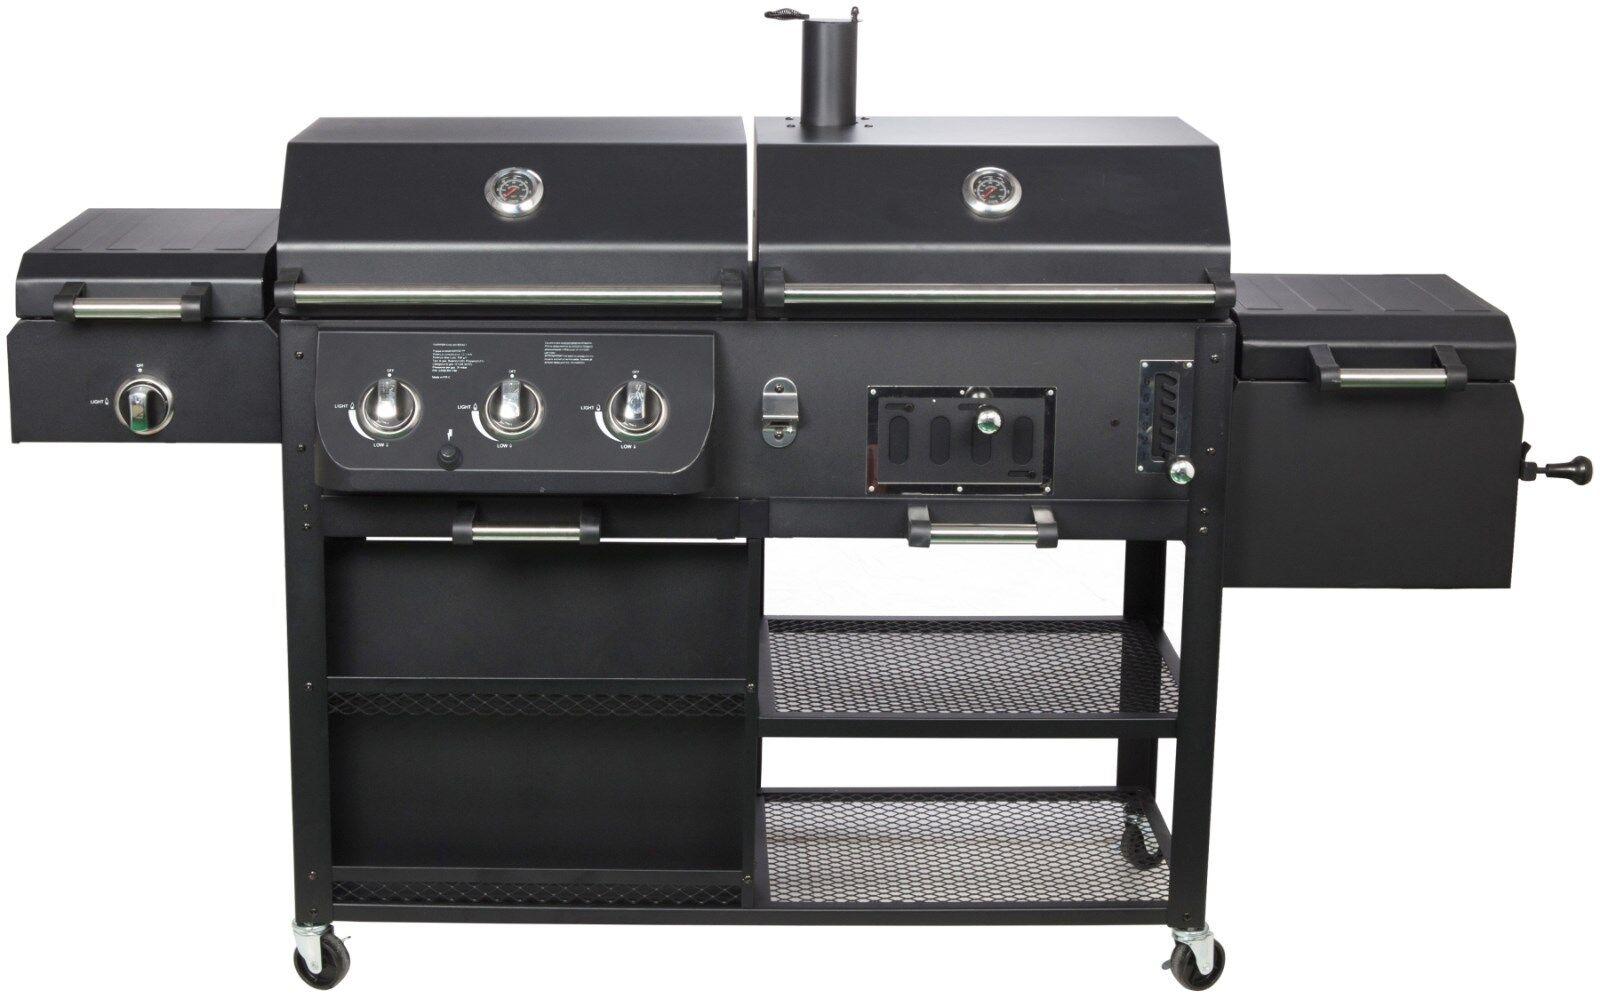 Outdoor Küche Kansas 4 Sik : Gasgrill einbau grill outdoor küche drehspieß 4